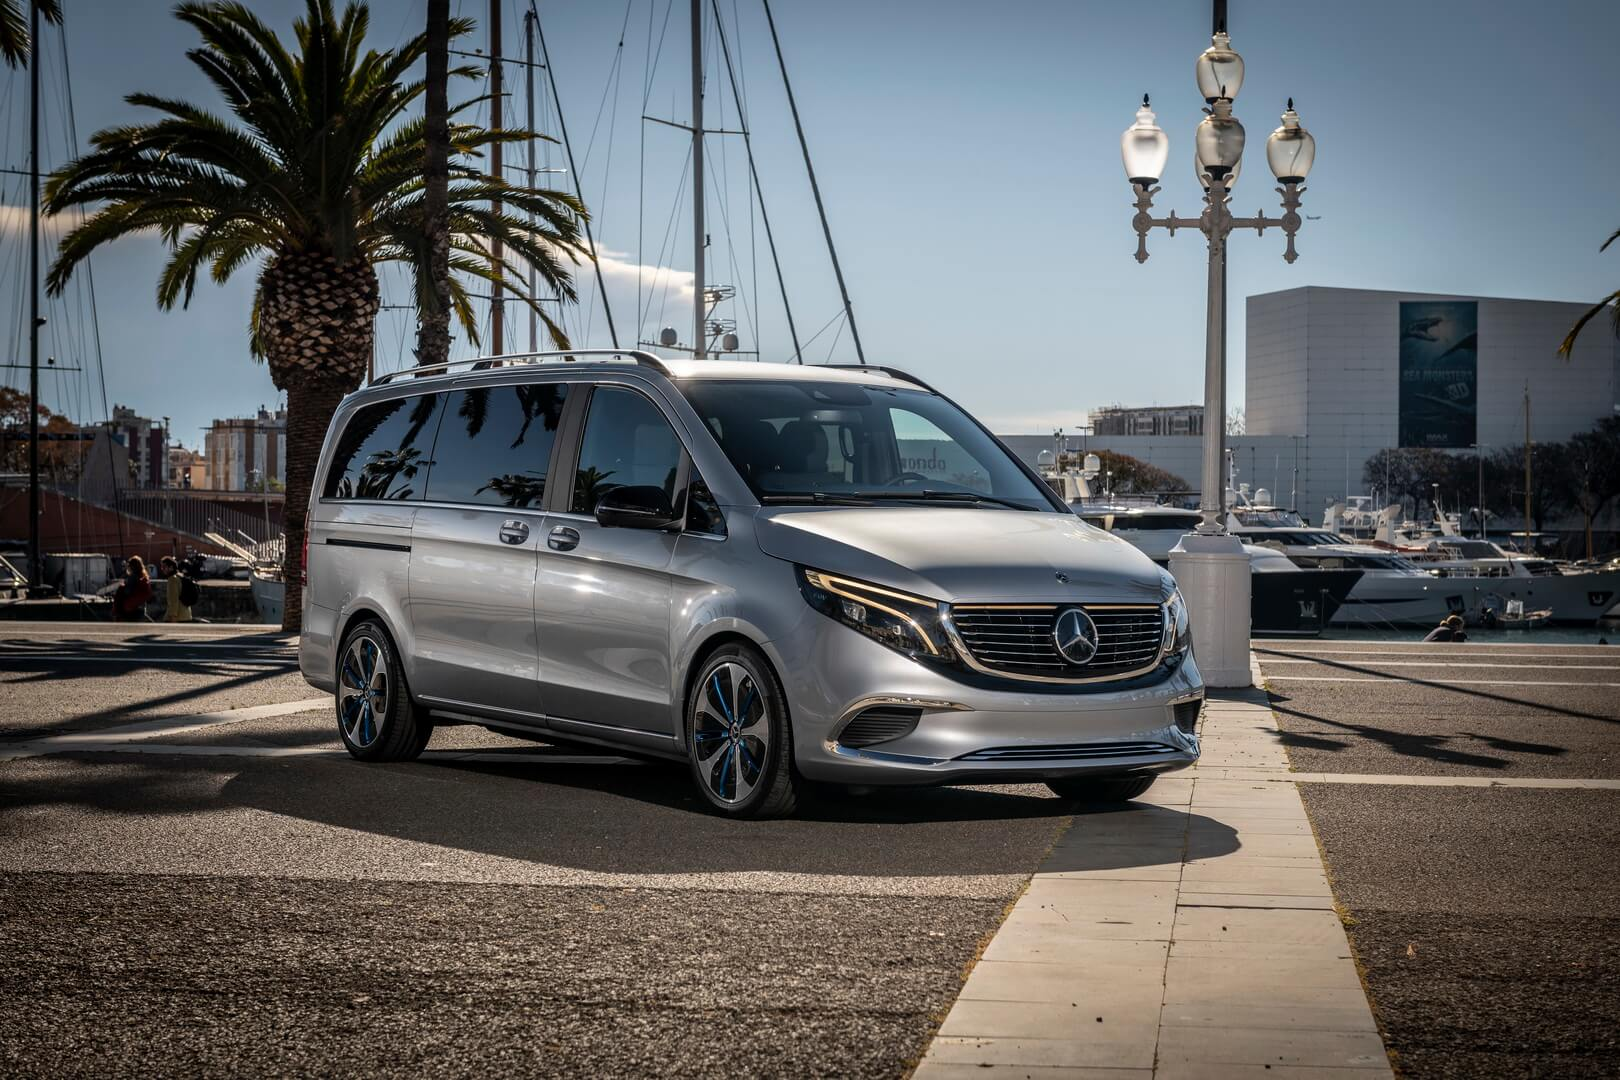 Mercedes-Benz презентовал премиальный электрофургон EQV в порту Барселоны